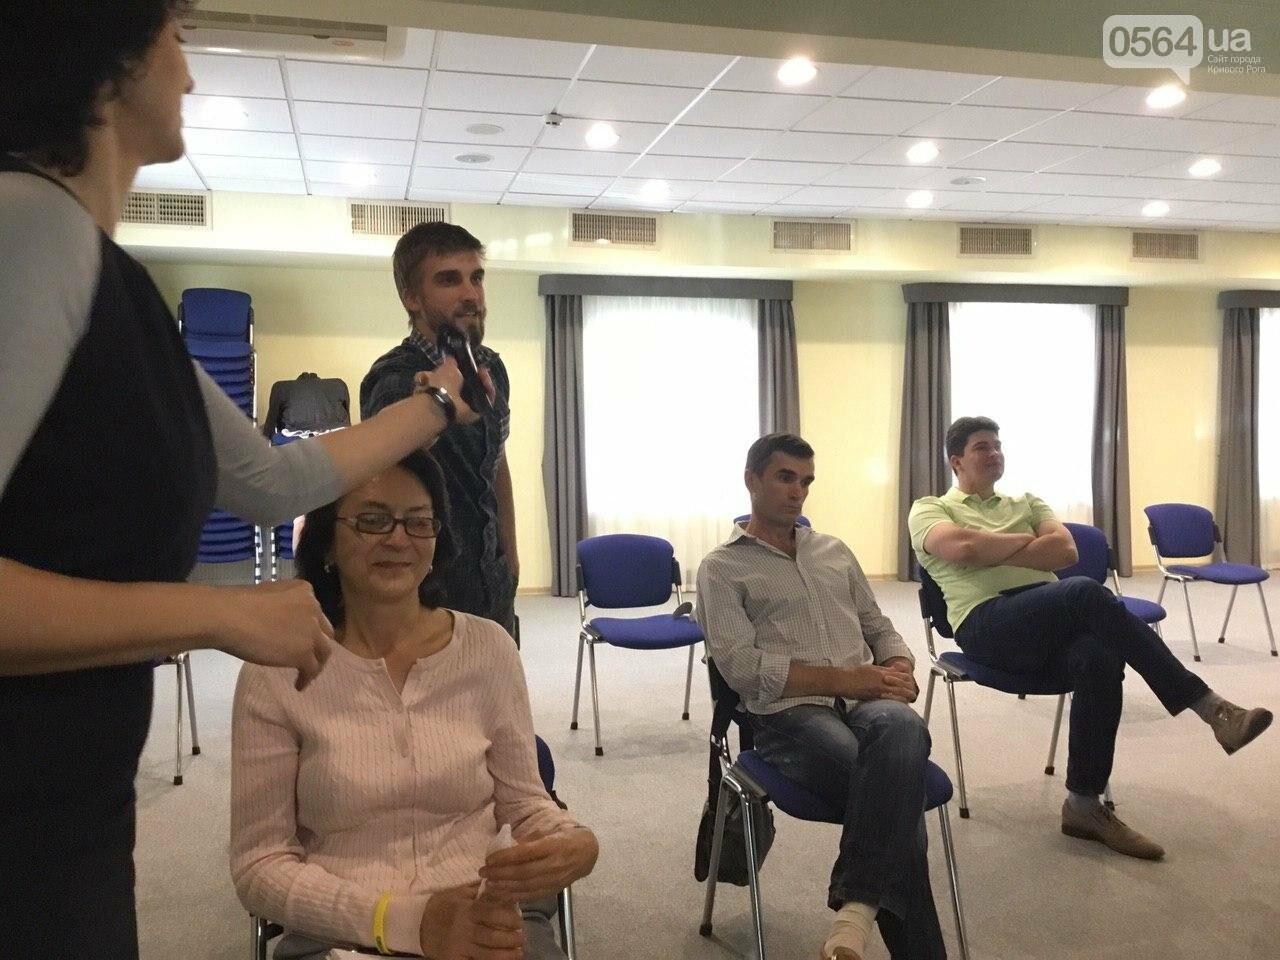 Криворожане обсудили с известным экспертом вопросы децентрализации и избирательных новшеств, - ФОТО, ВИДЕО, фото-7